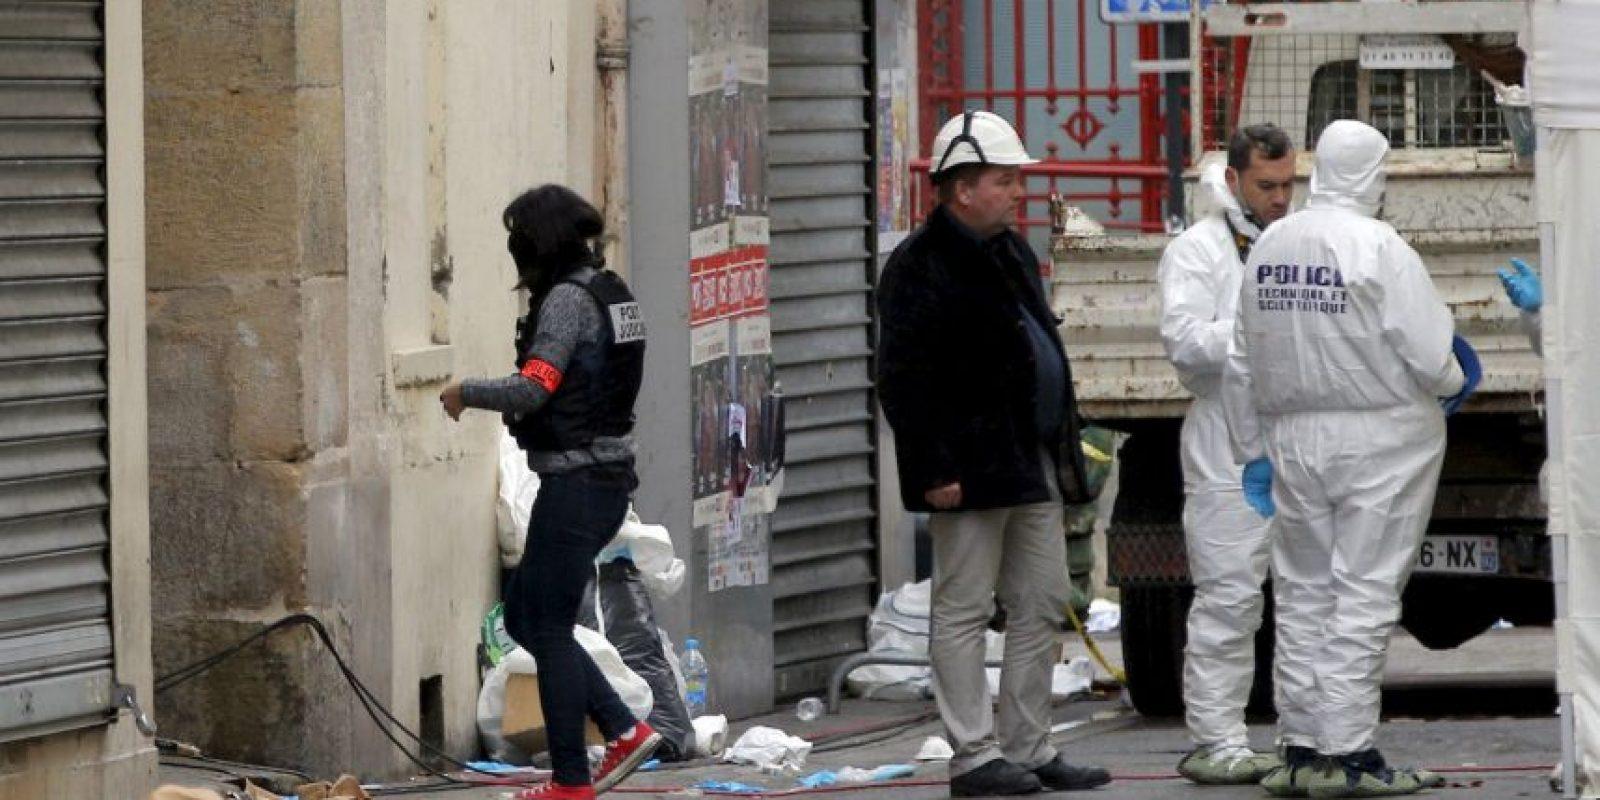 La Policía de París y los supuestos terroristas intercambiaron disparos por más de una hora. Foto:AP